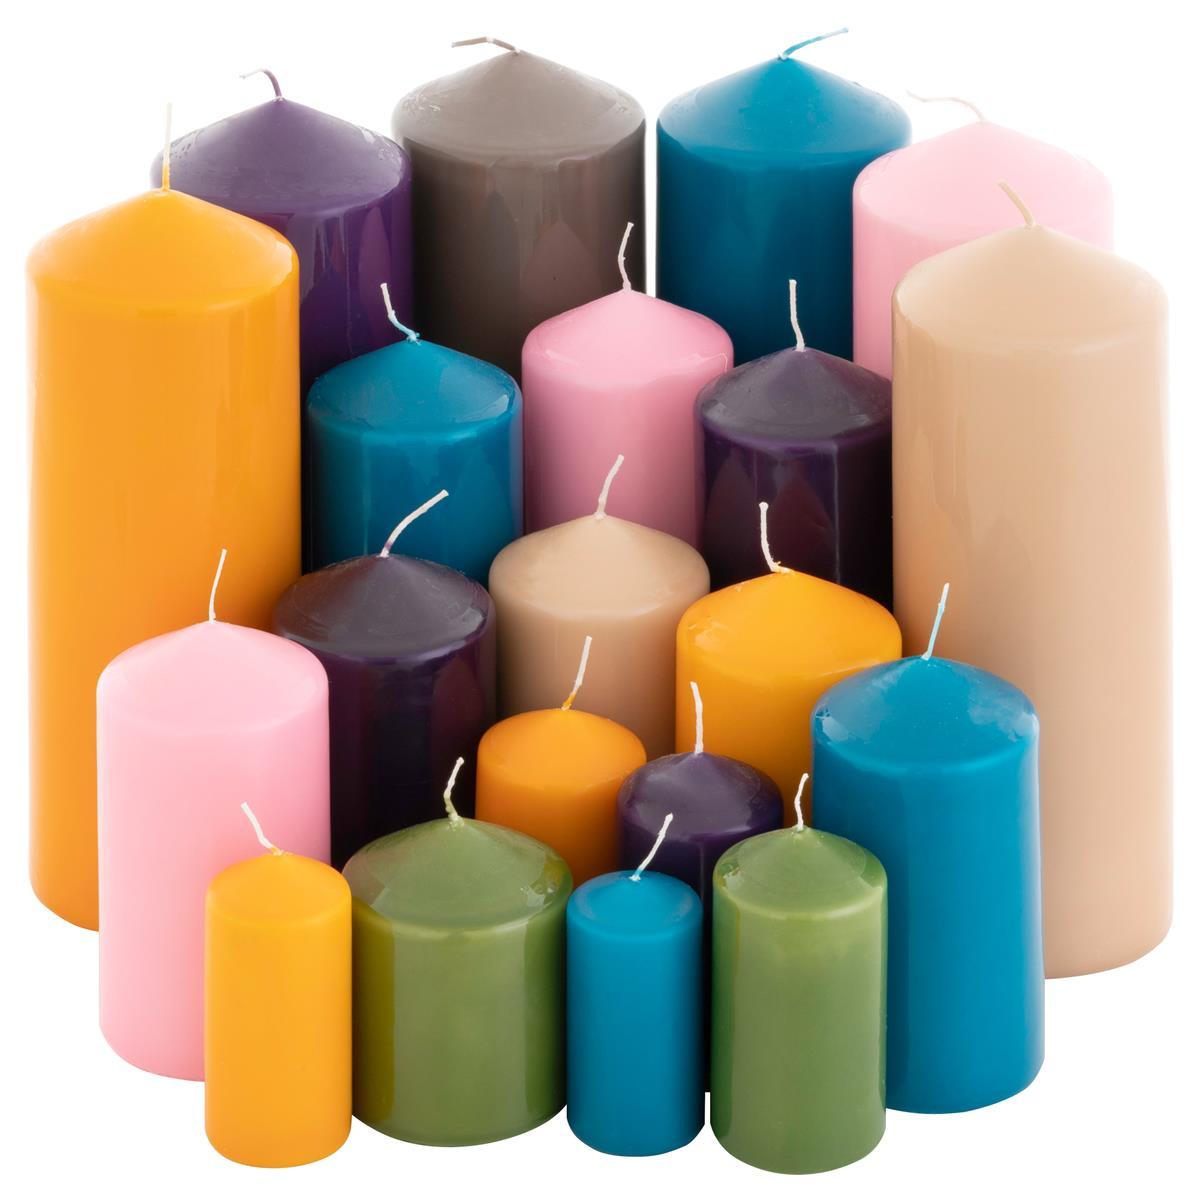 Stumpenkerzen 5kg Set 14 Stück getaucht Farbmix gemischt Posten